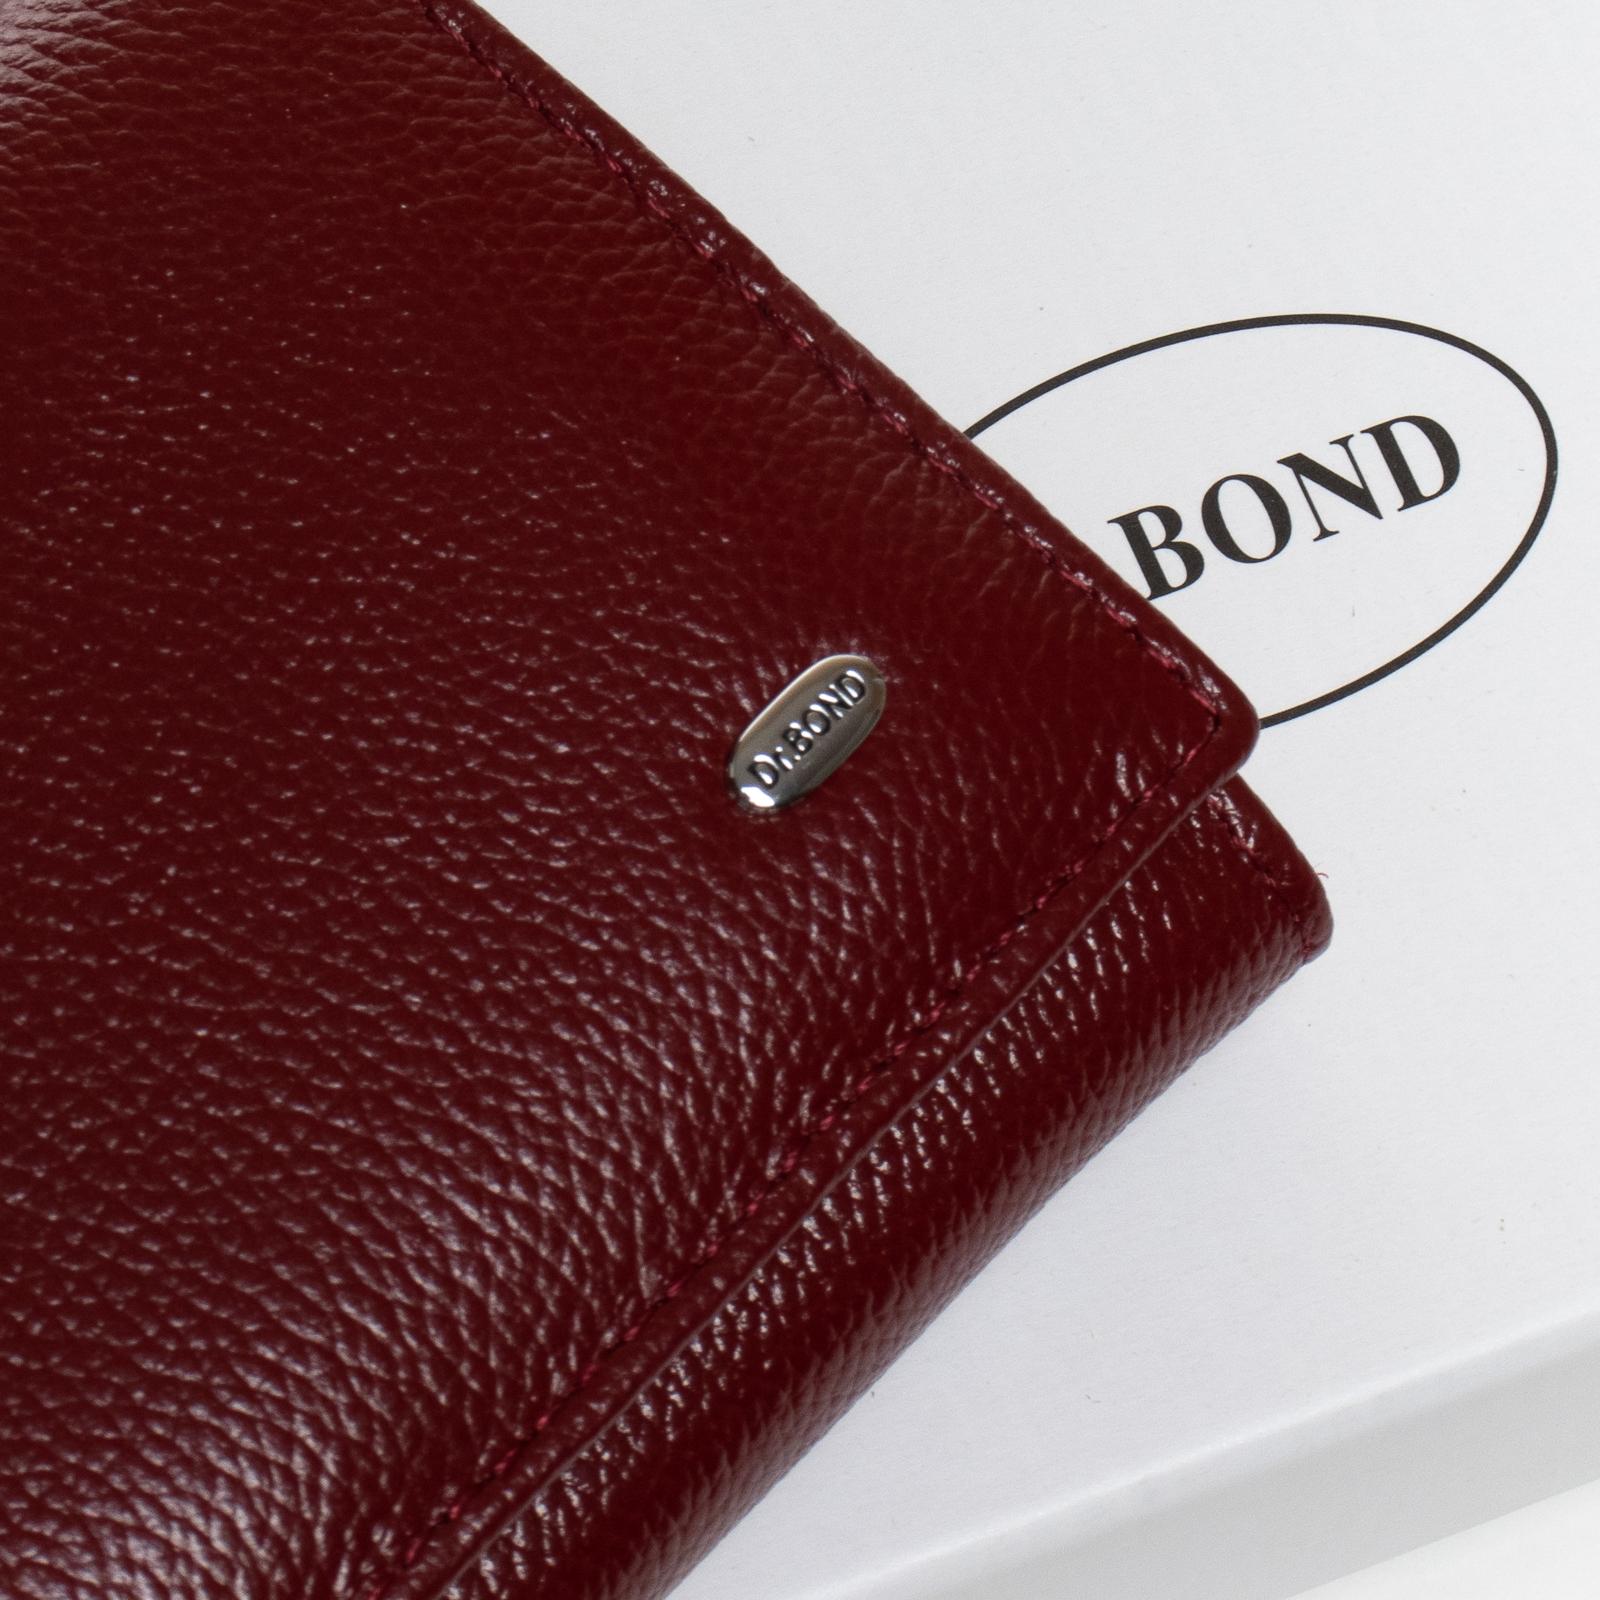 Кошелек Classic кожа DR. BOND W501-2 bordo